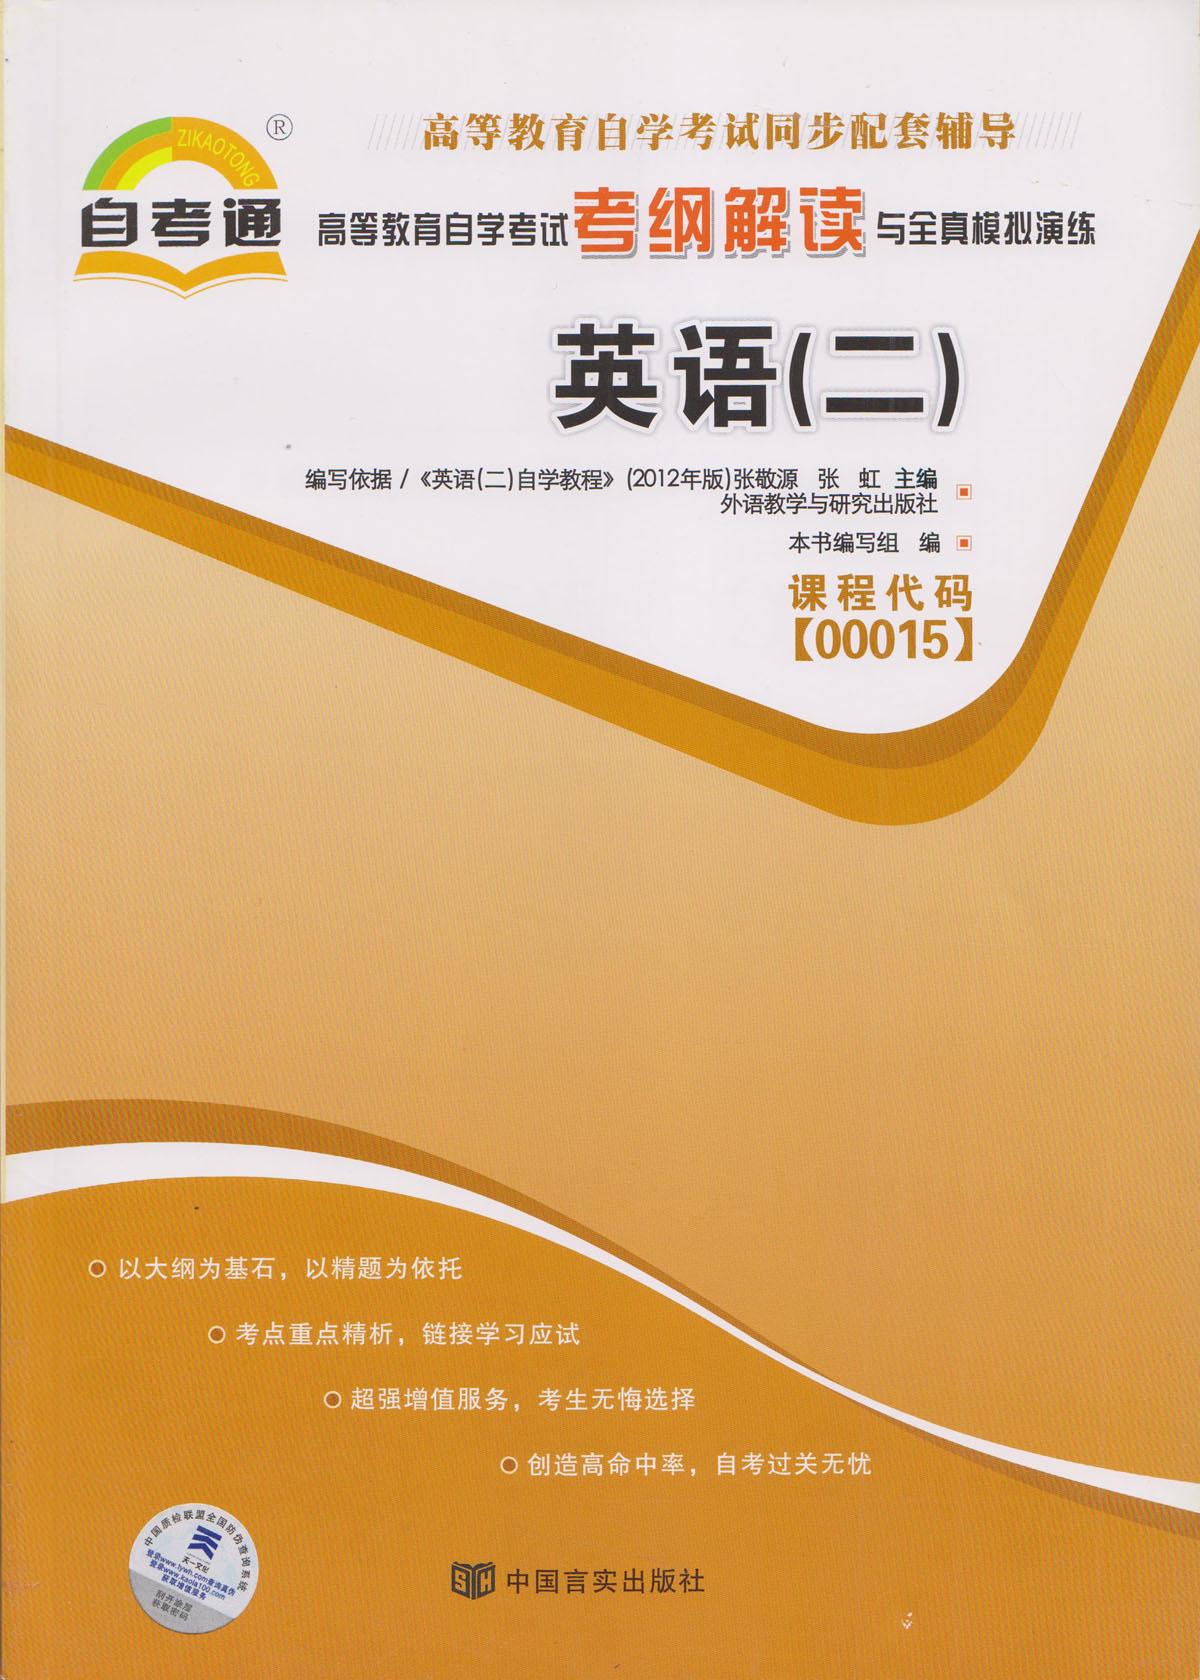 [Self 00015 поддерживает английский (ii) наброски толкования подлинного 2013 новое издание учебников